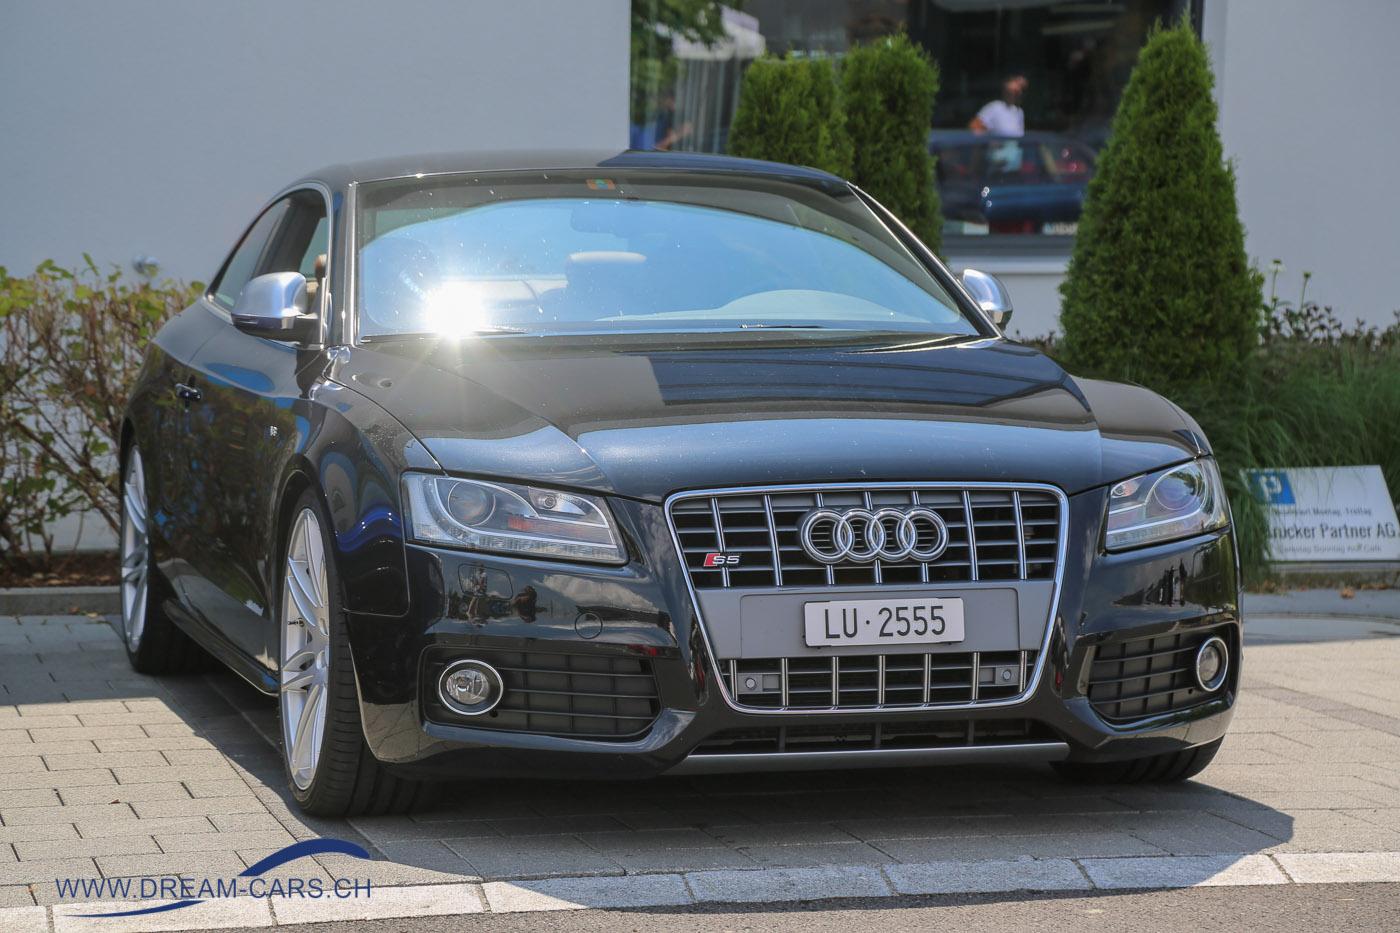 ACE CAFE Luzern, Sportwagentreffen, 14.07.2018. Ein sportlicher Audi S5, aber trotzdem meilenweit entfernt von einem Sportwagen